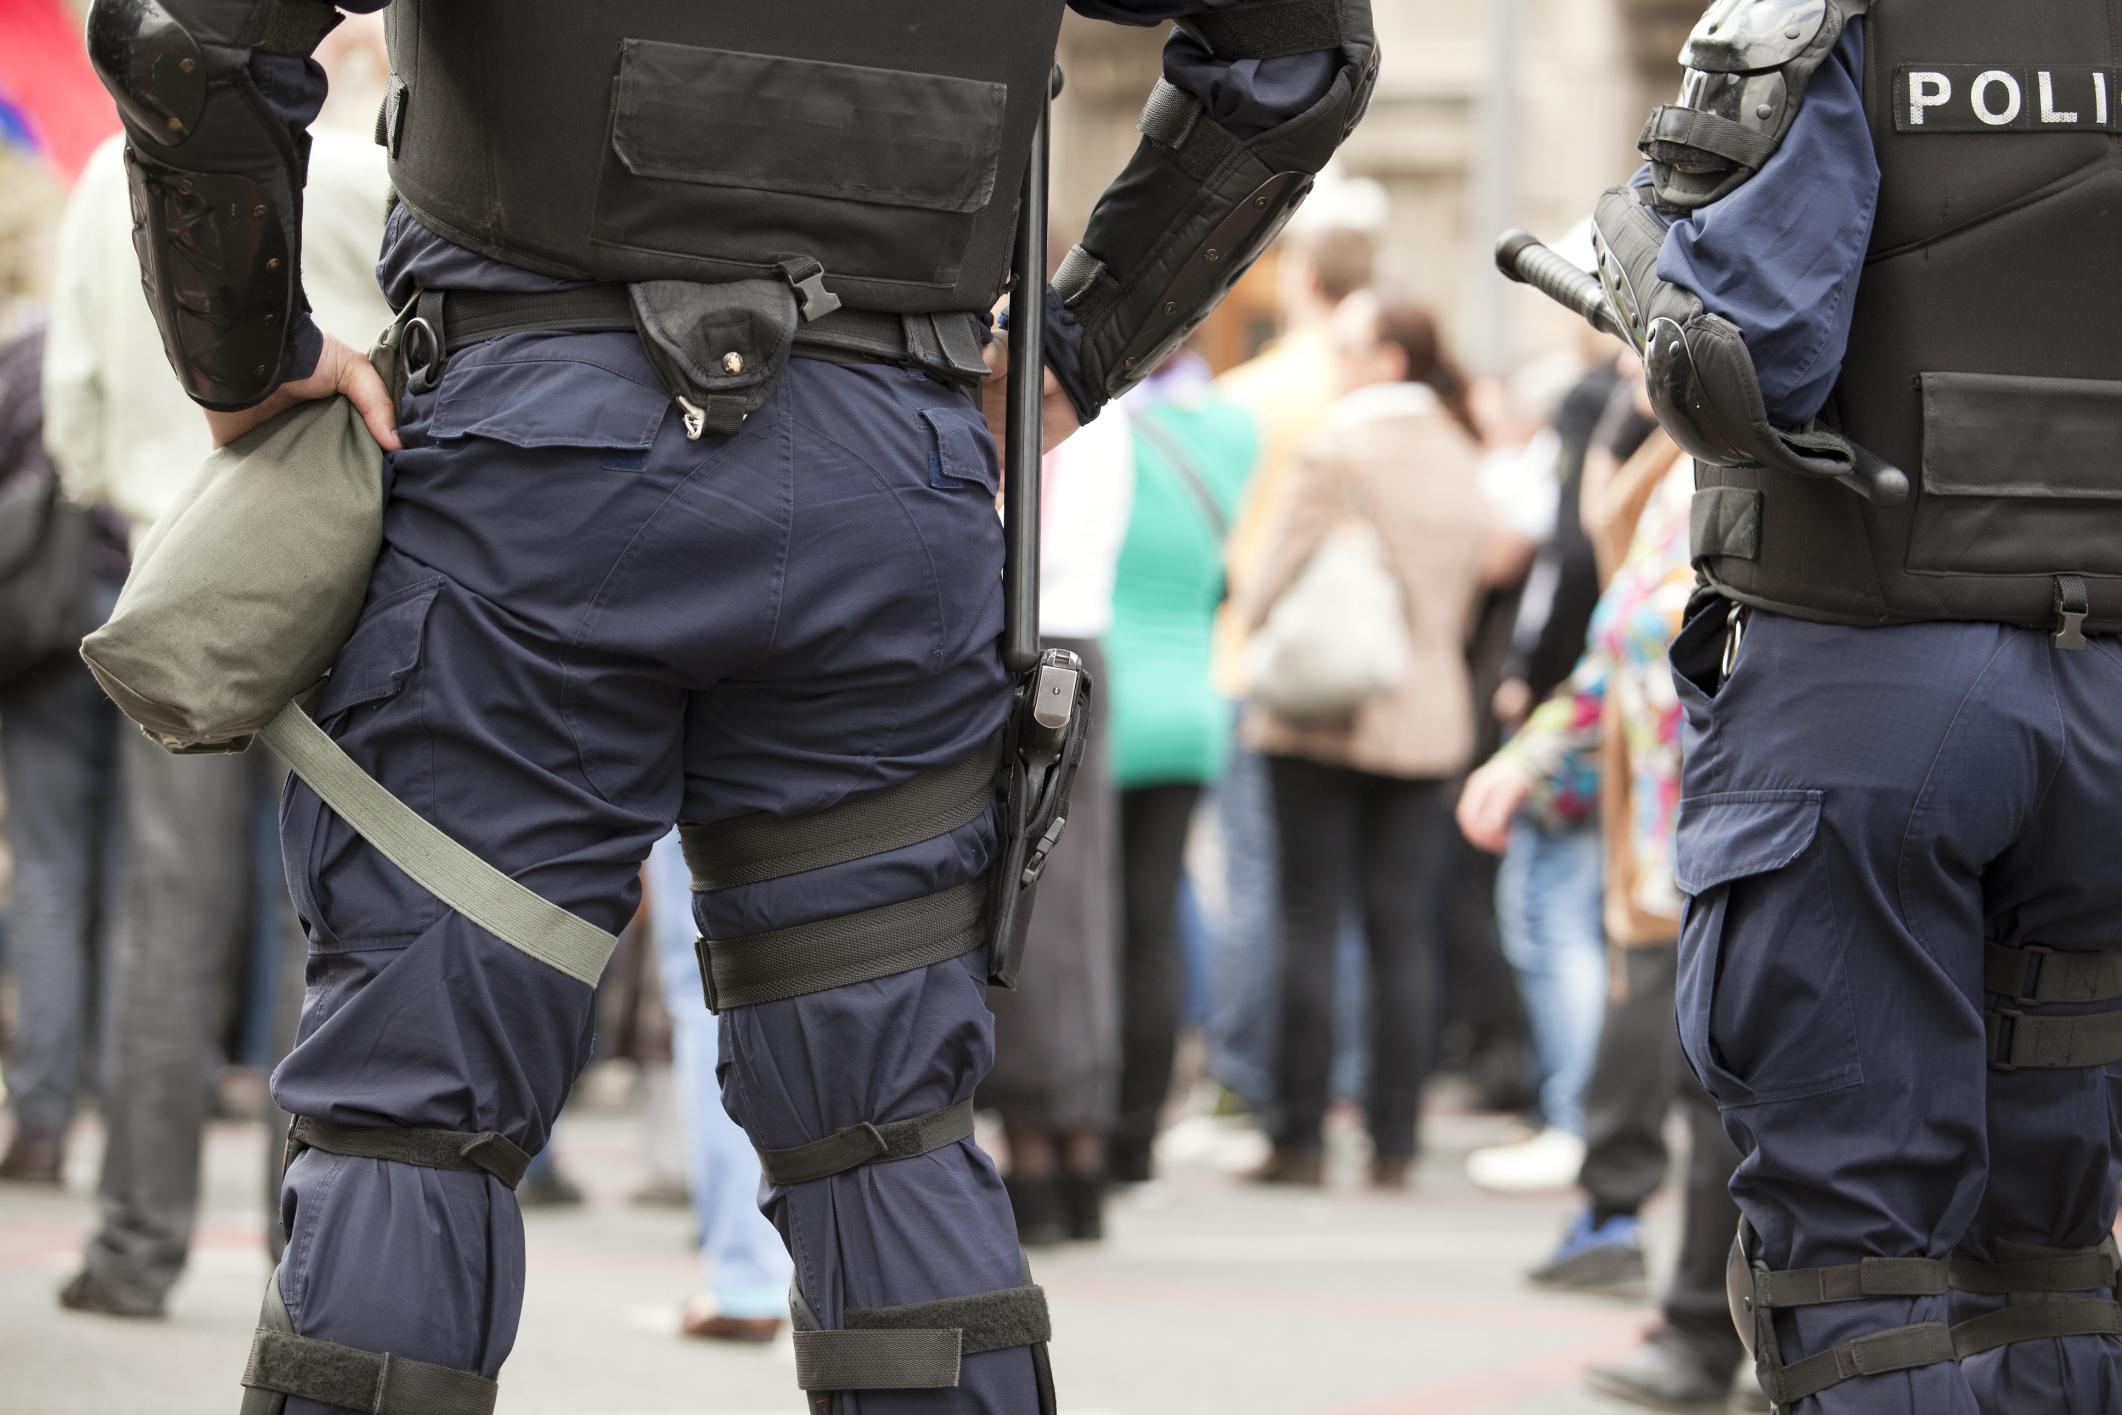 Police_Terrorist